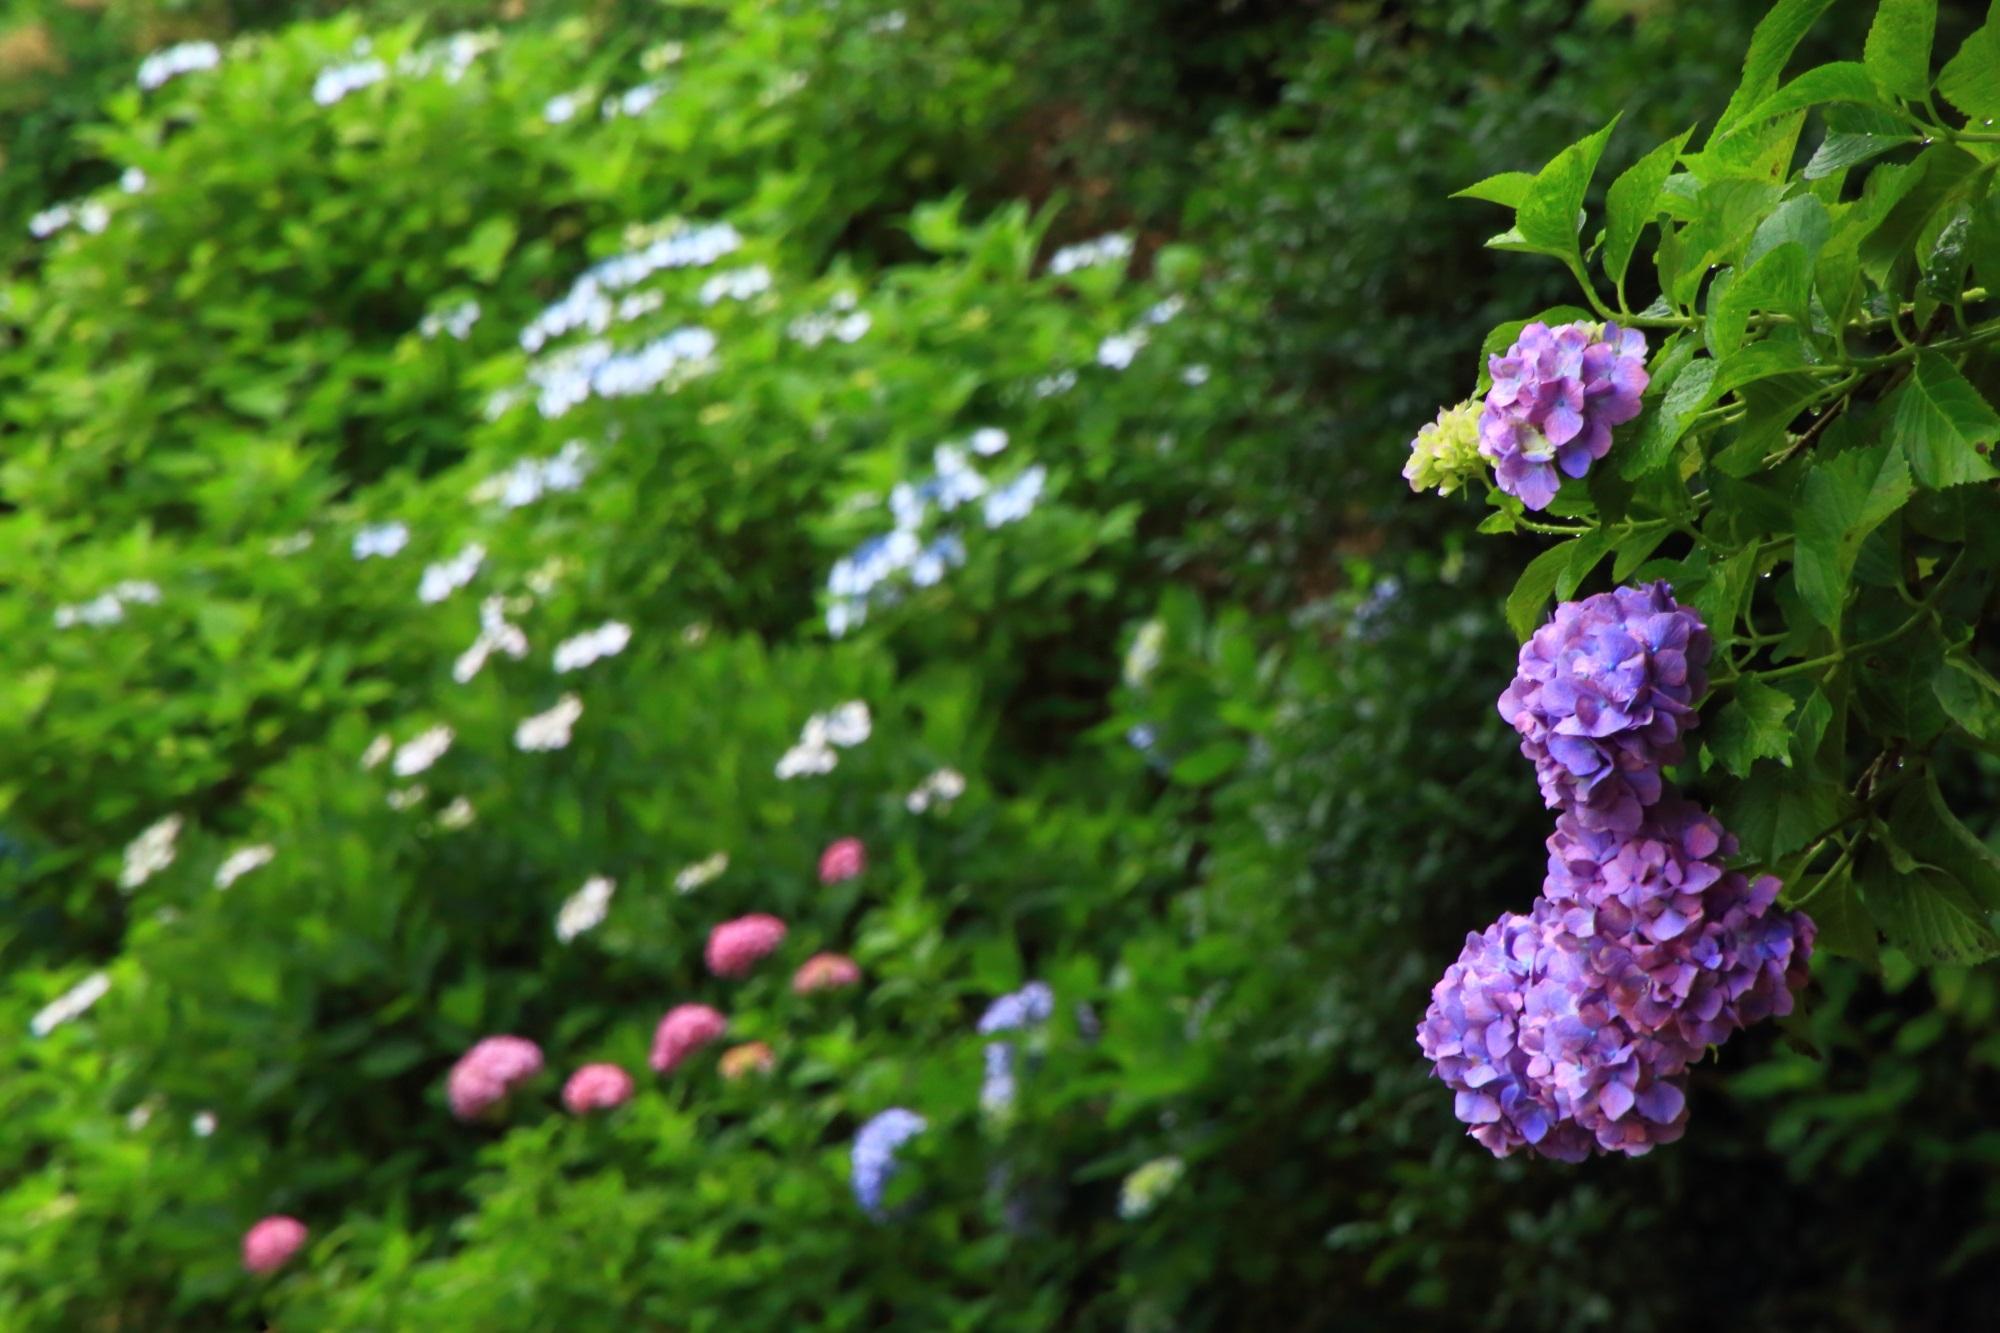 華やかさの中に風情も感じられる紫陽花